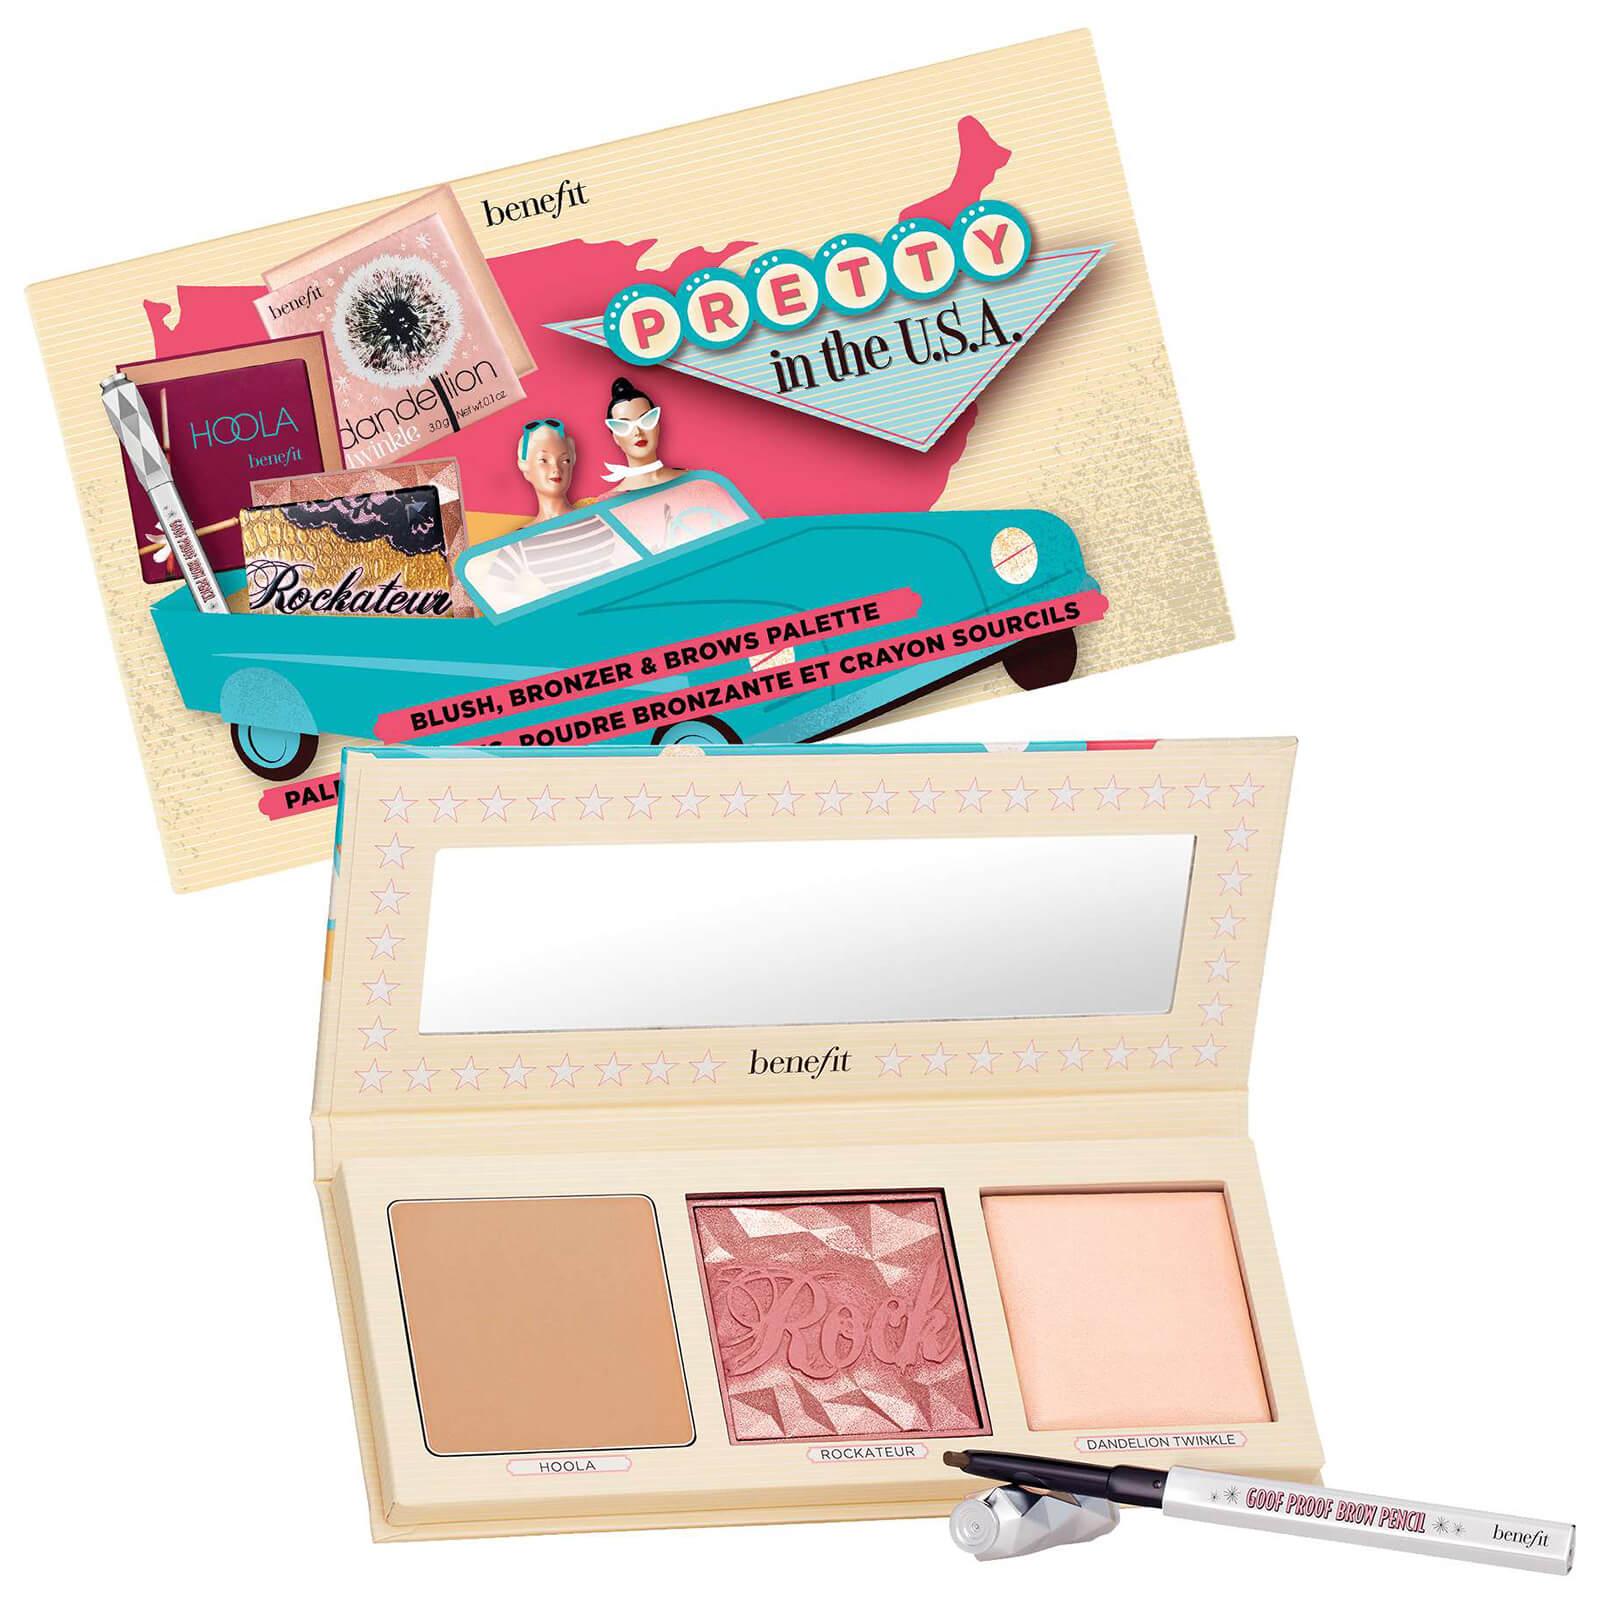 Lion Star Fx 10 Salon Box Pink Daftar Harga Terbaru Dan Terlengkap Baskom Kotak Square Basin No 4 Ba 18 Description